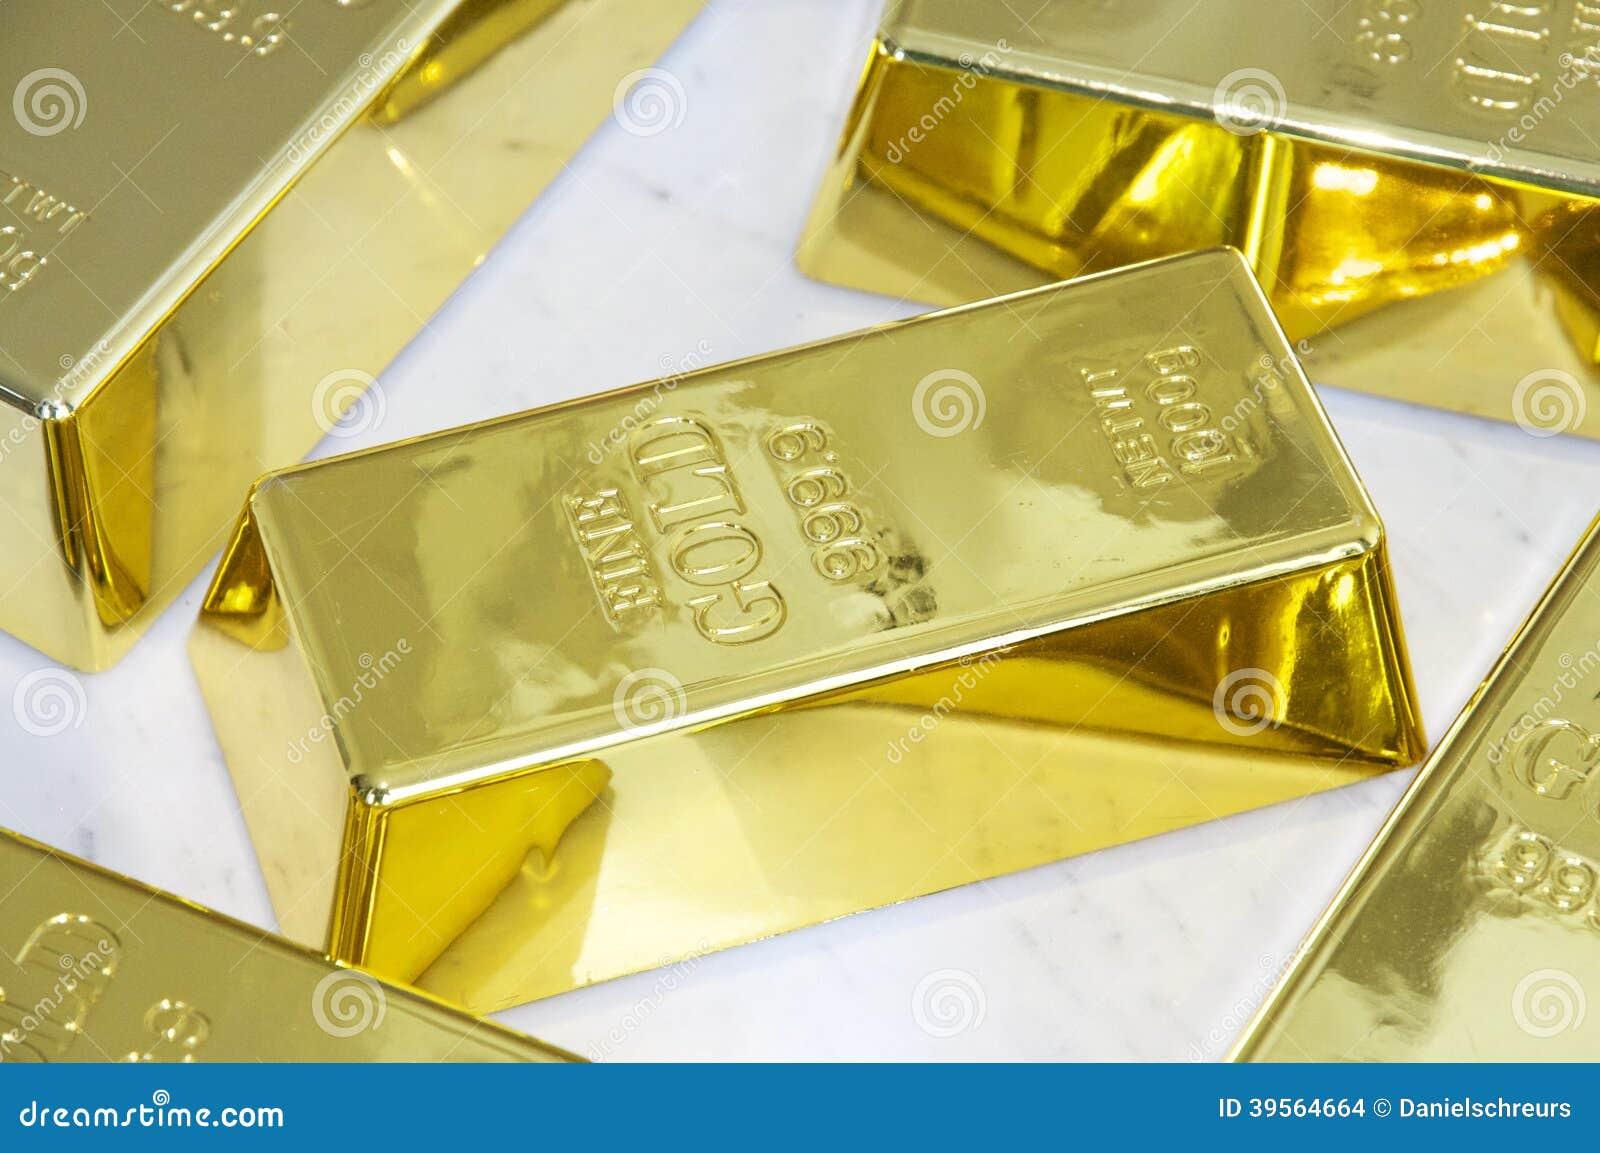 Barras de ouro 1000g